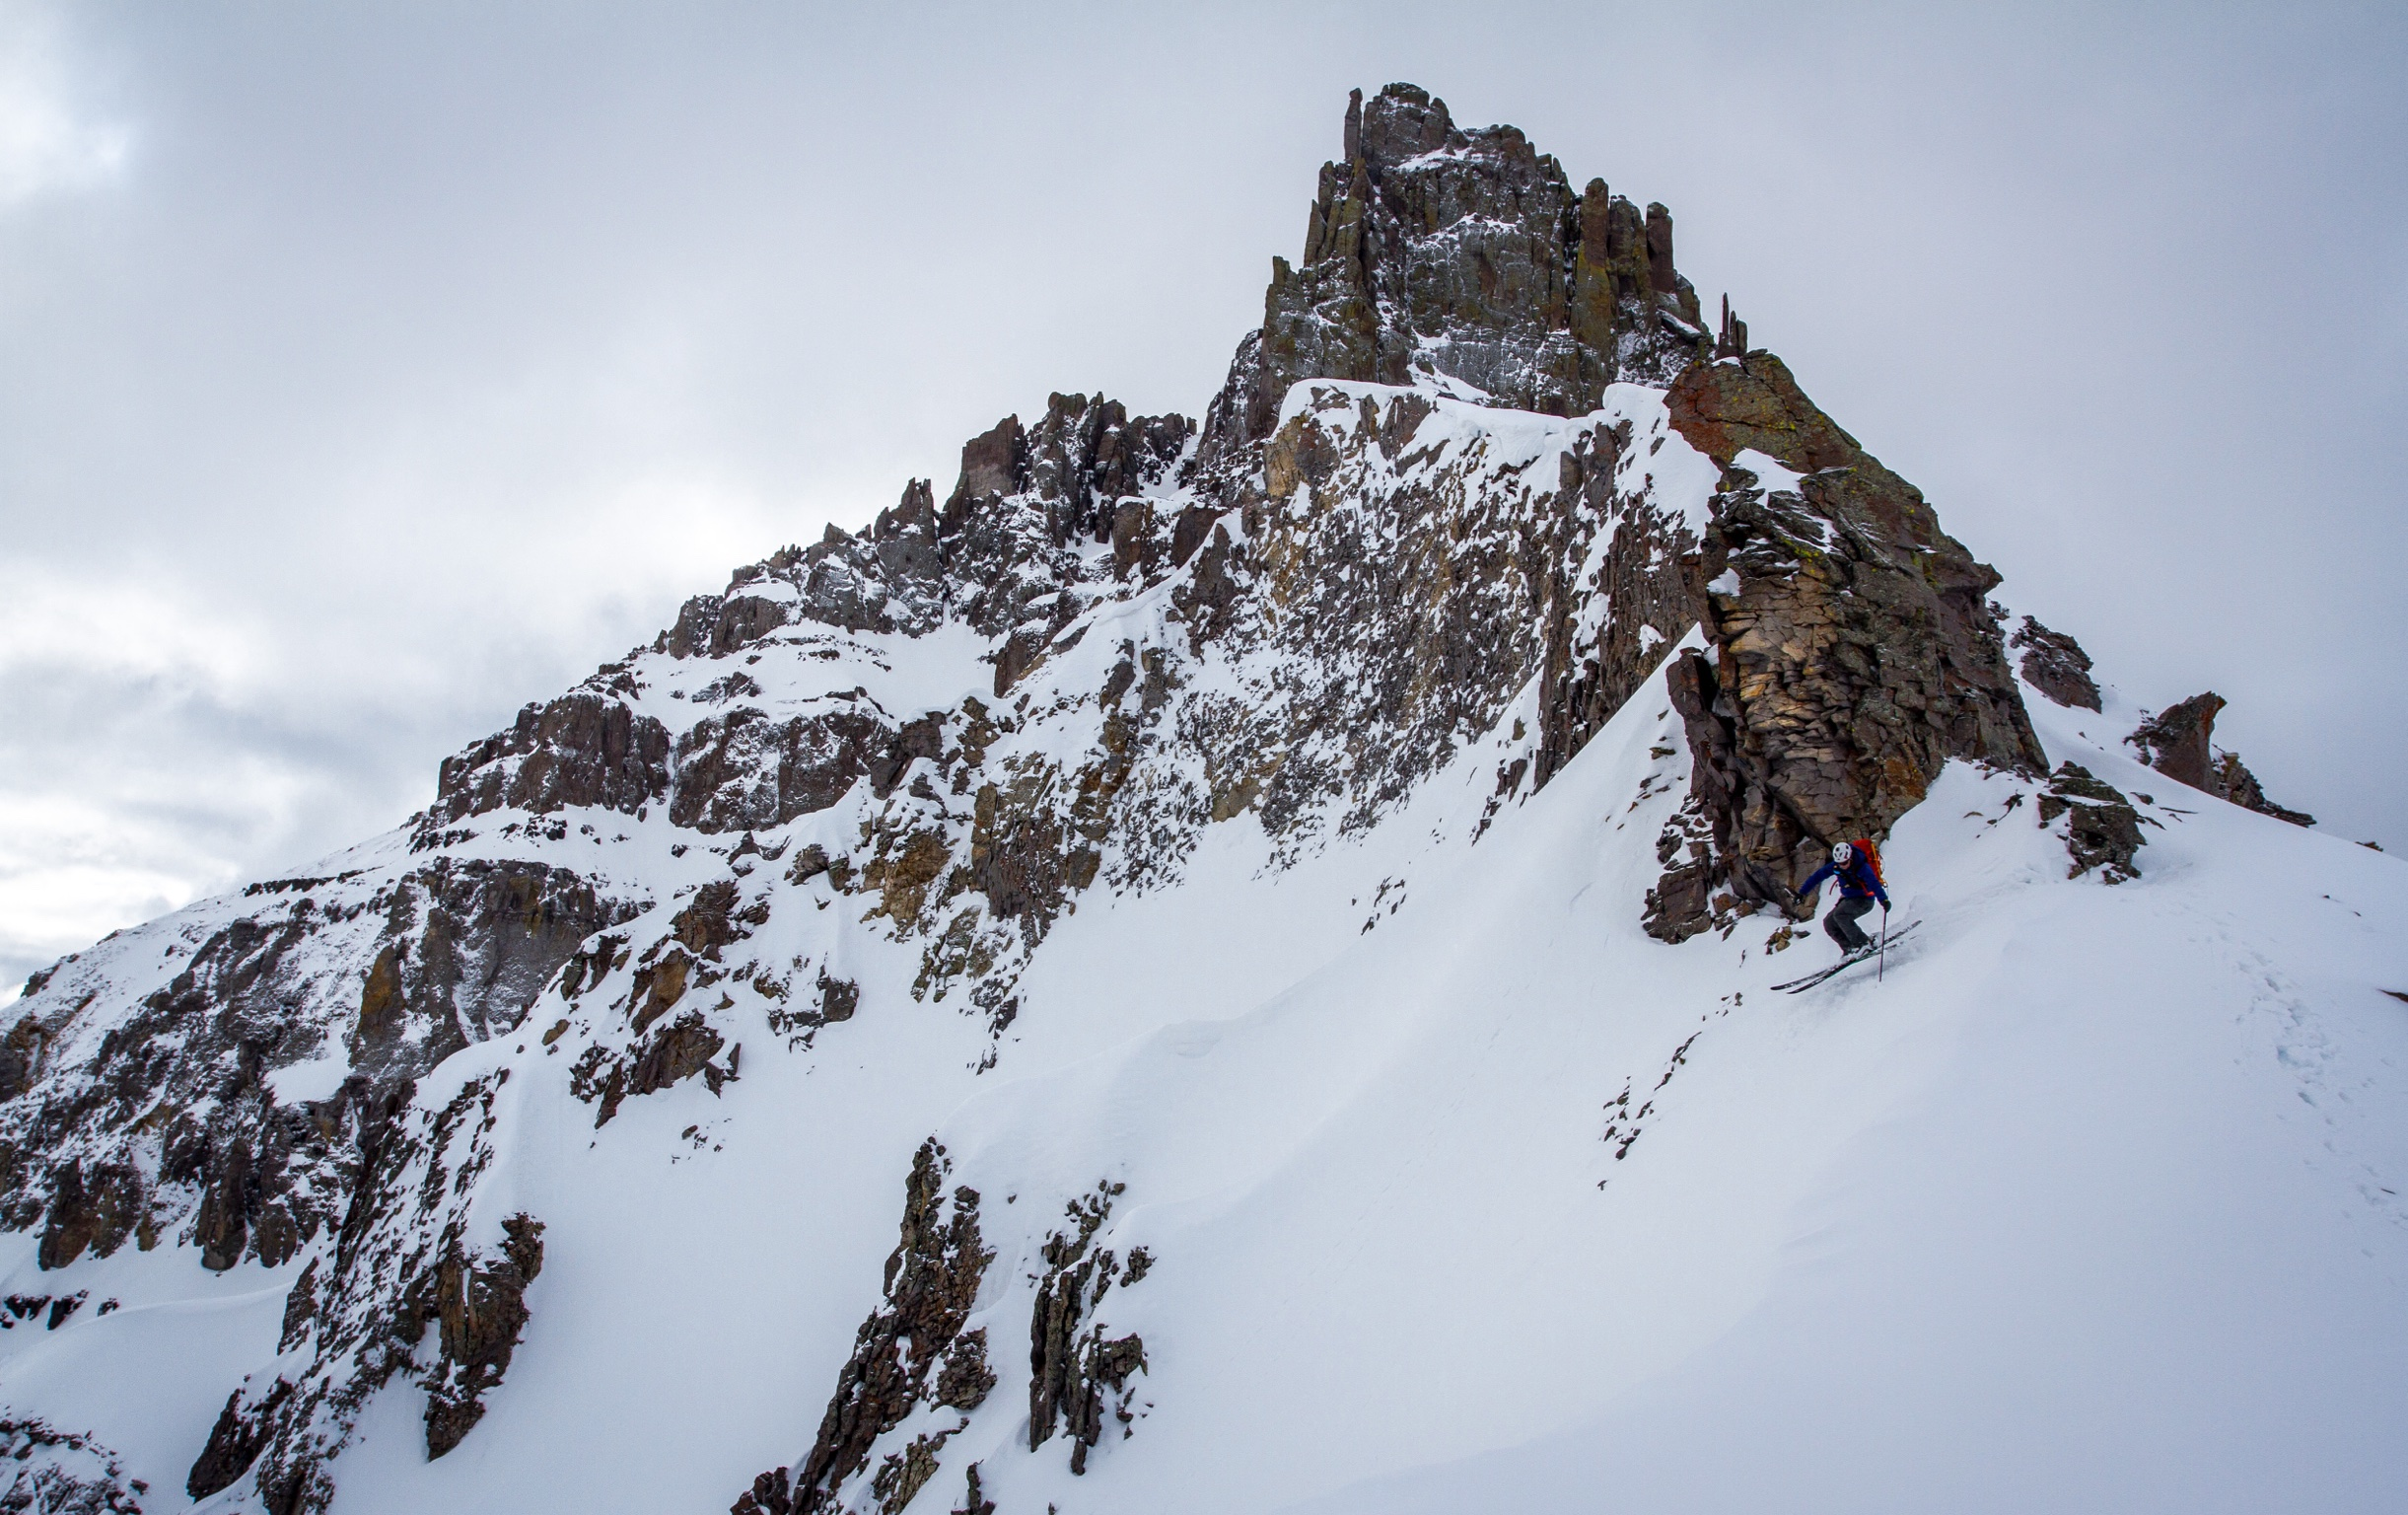 Jon Jay dropping into Weehawken Creek Basin with Potosi Peak looming in the background. Photo: TJ David